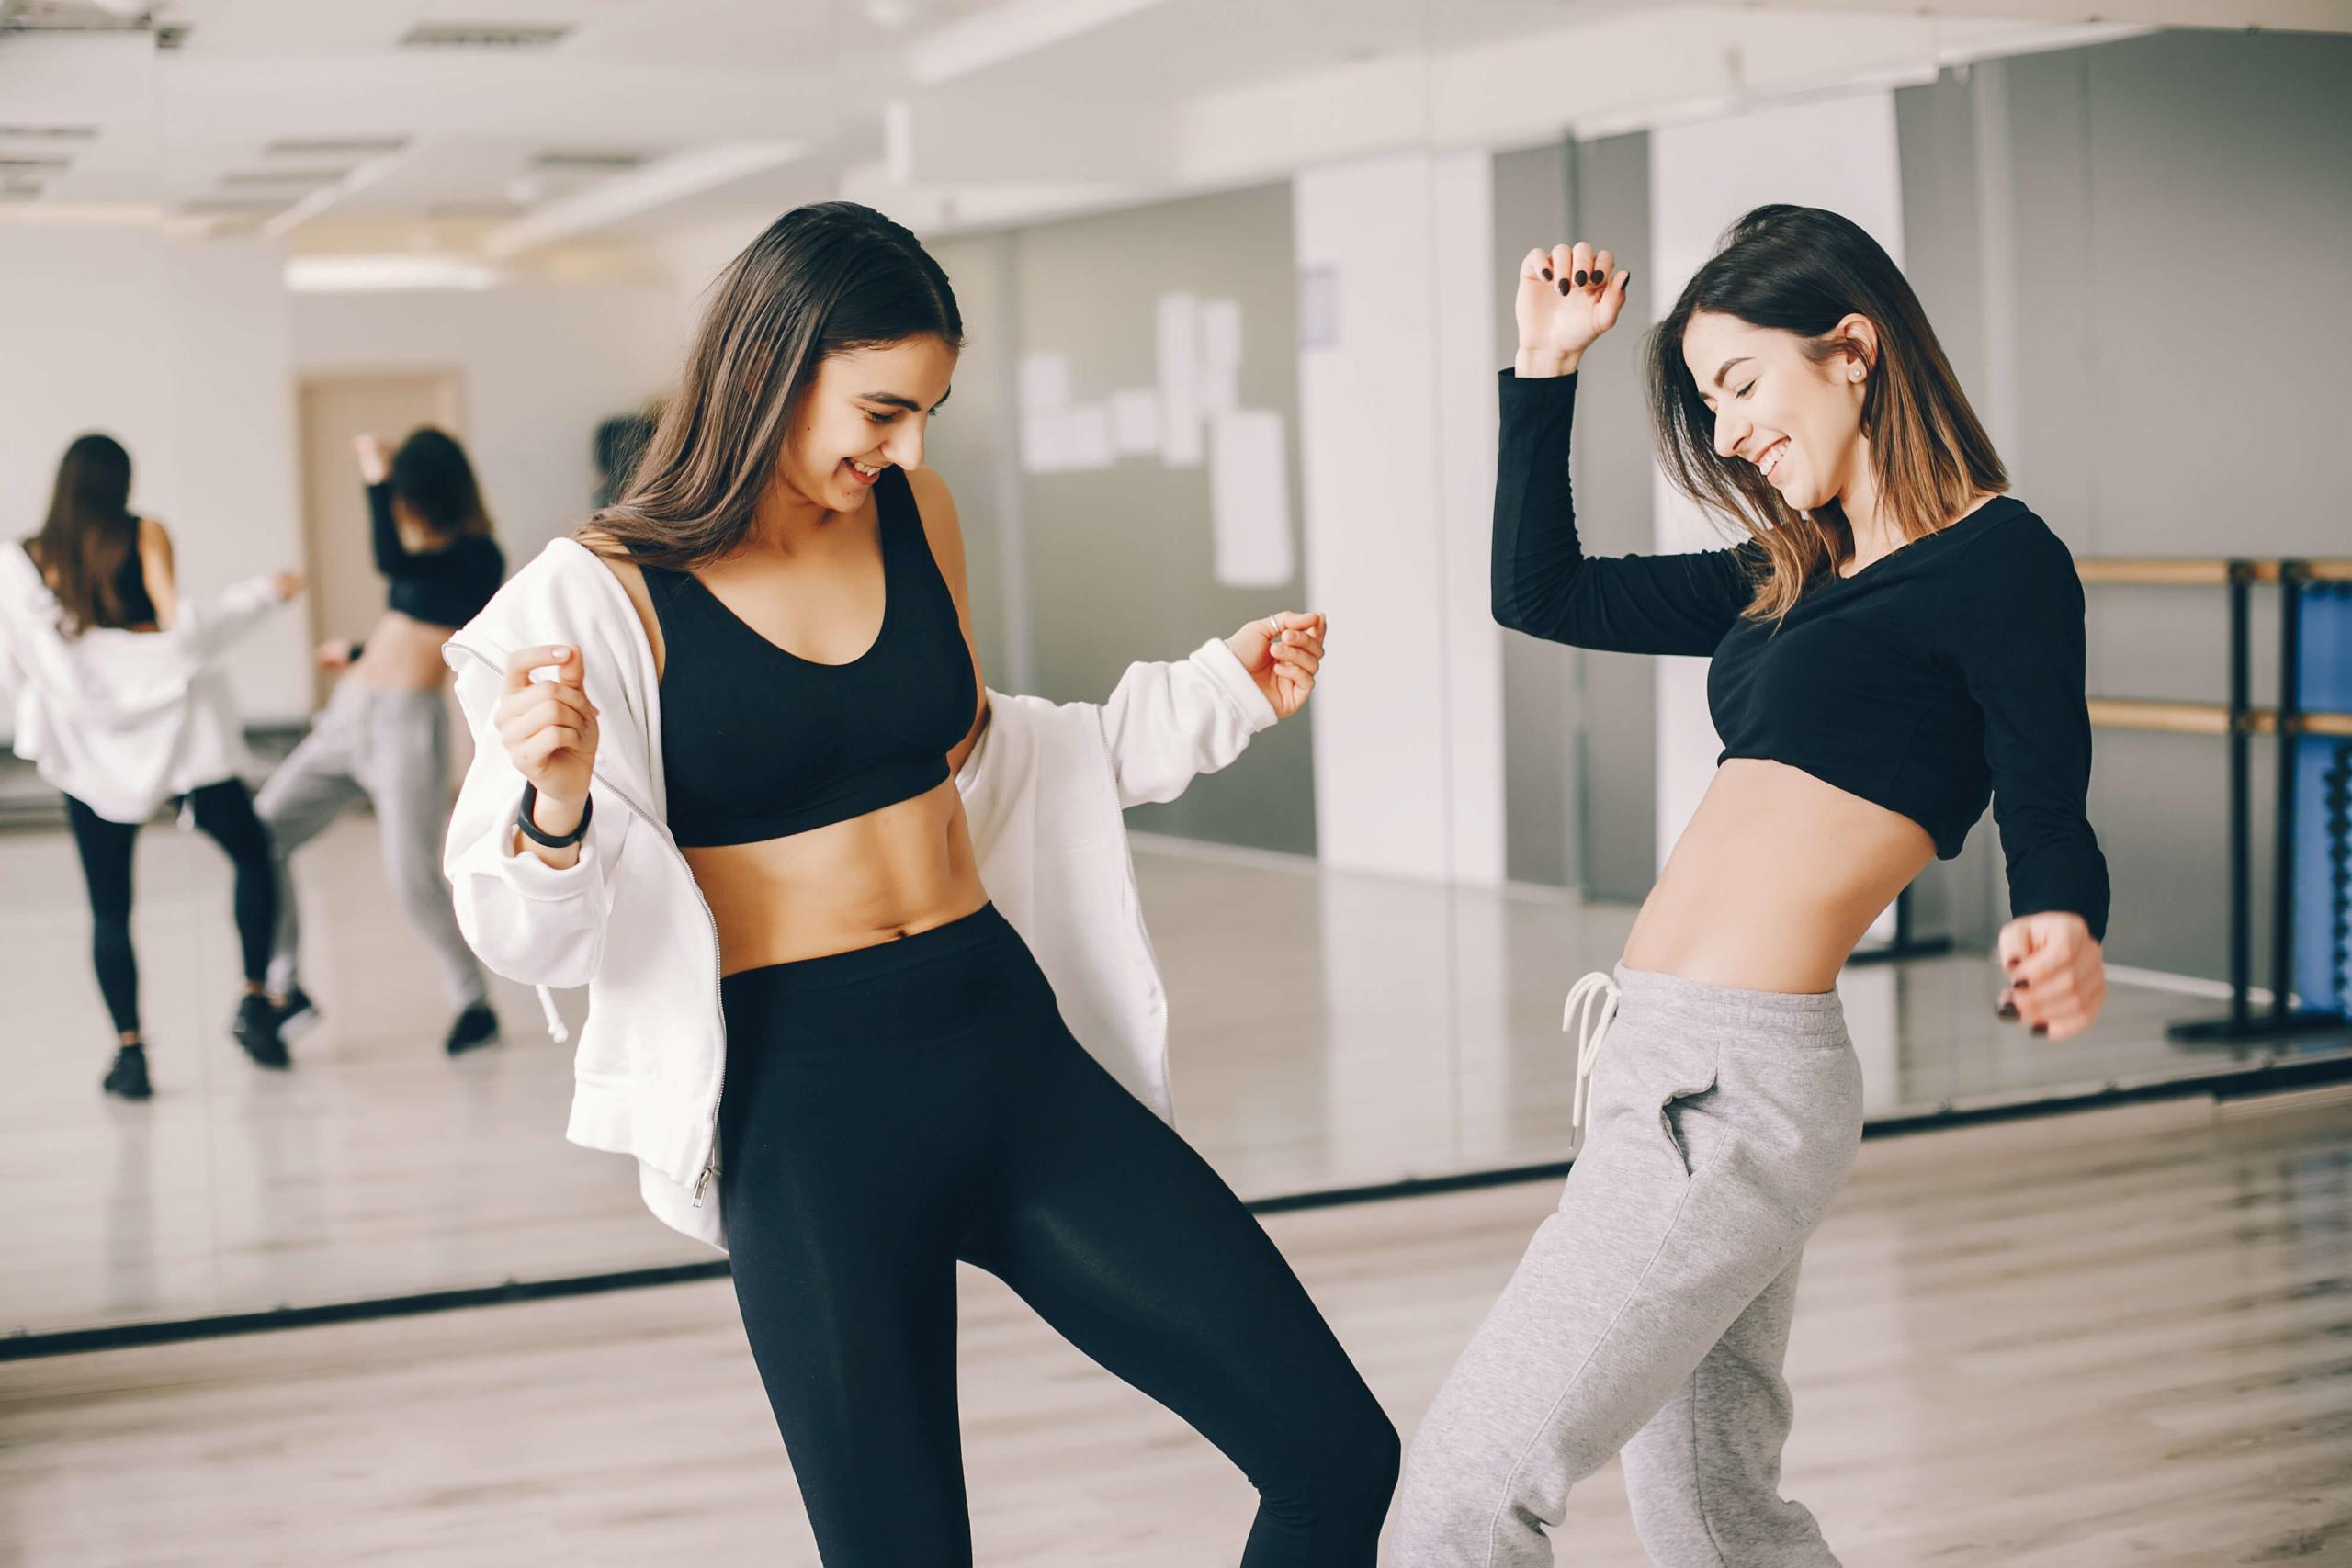 ダンスを楽しむ女性たち